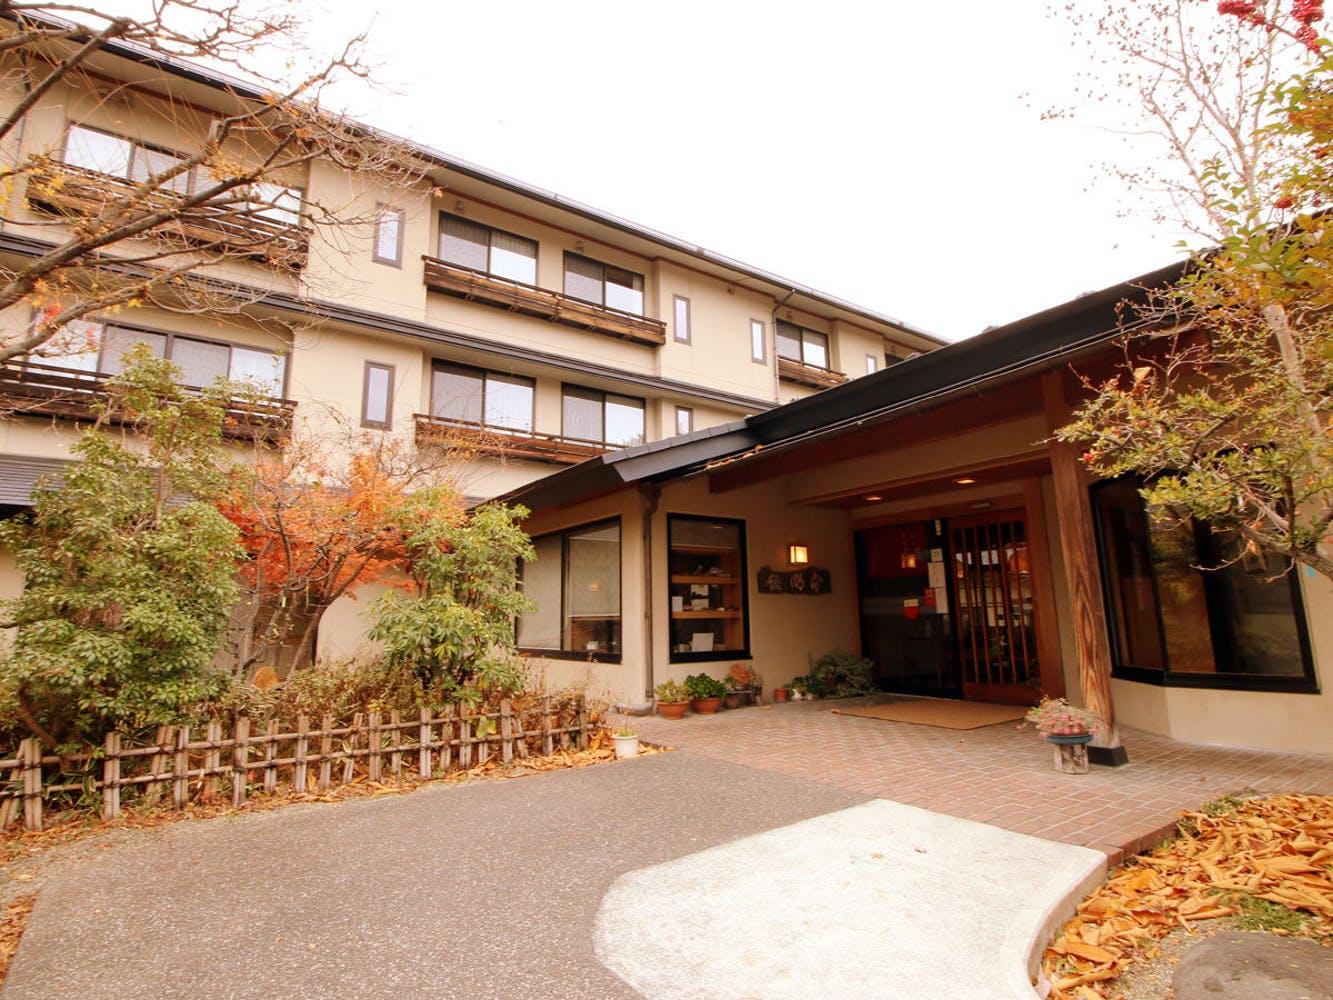 東根温泉 のゝか本郷館   こはく色に輝く3種類のお風呂! 写真1